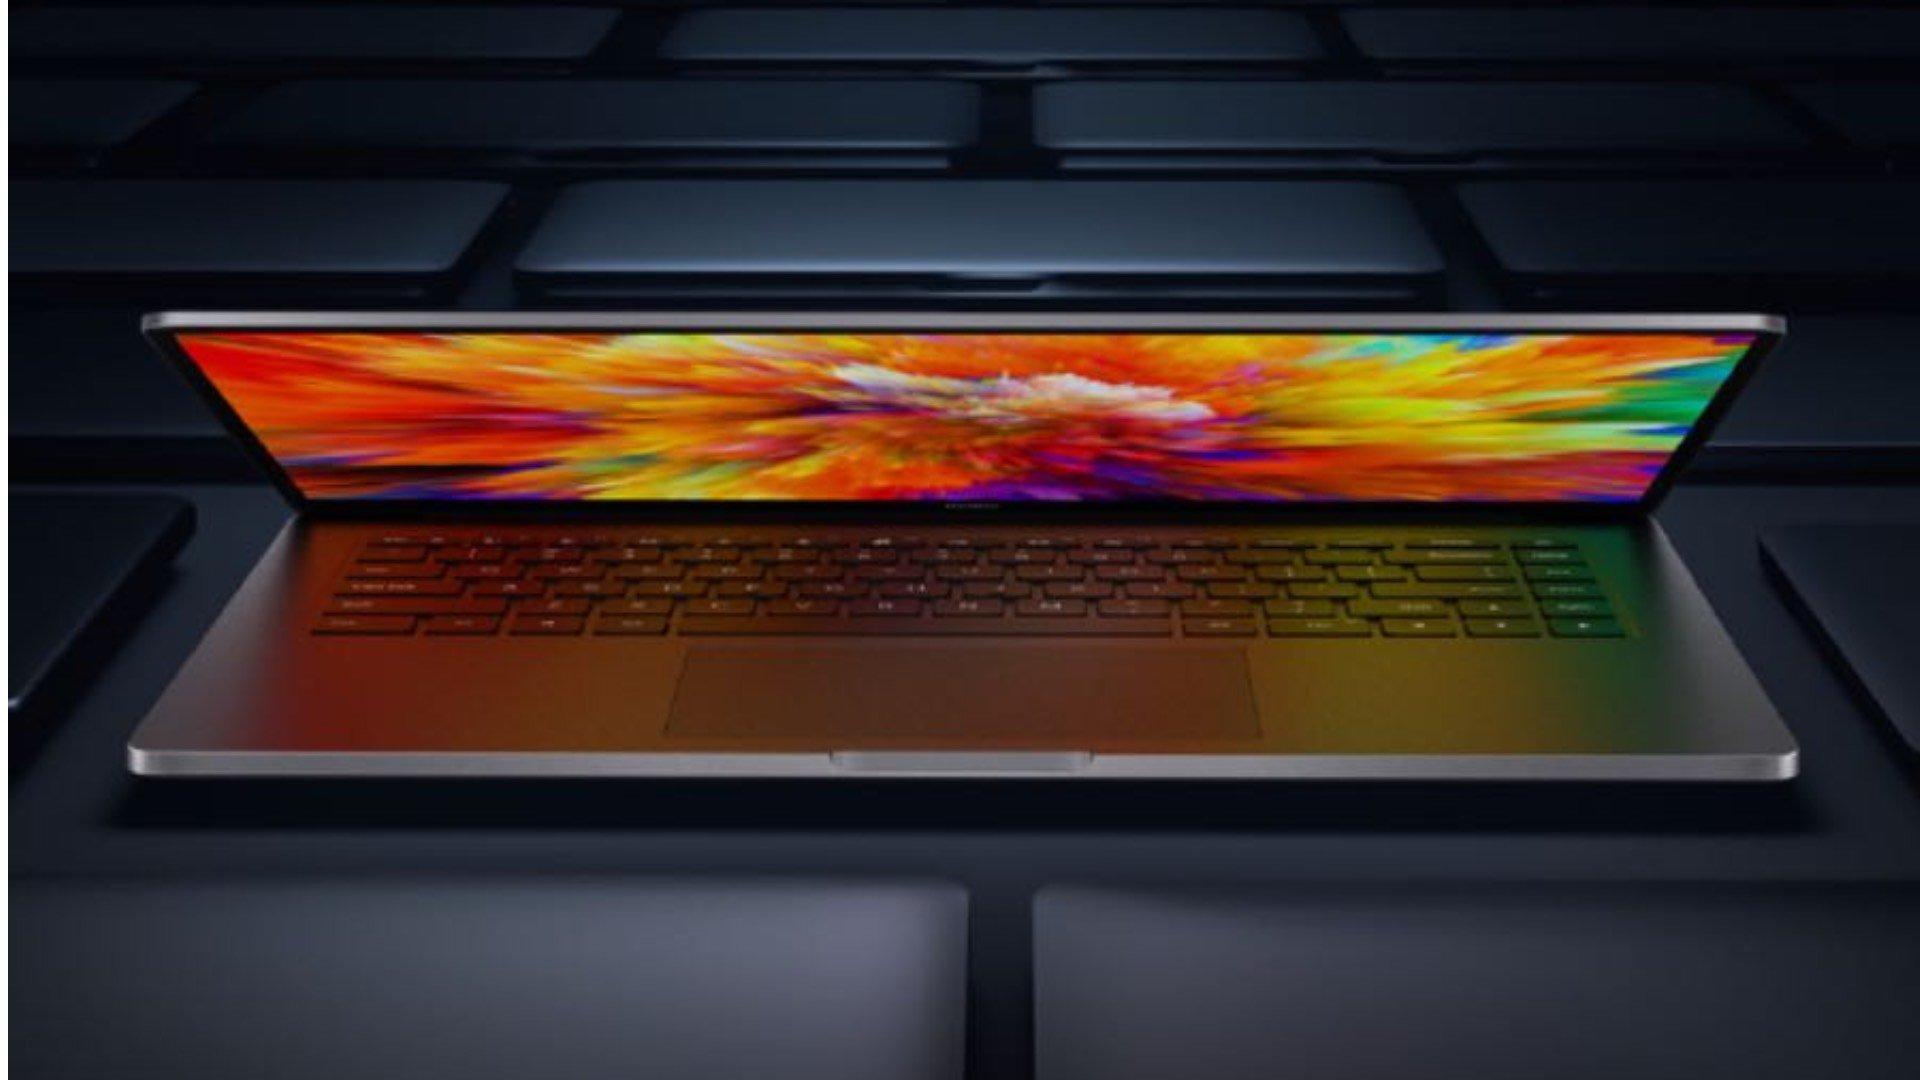 RedmiBook Pro 14 2021 – i5-1135G7 – Iris Xe | Banggood